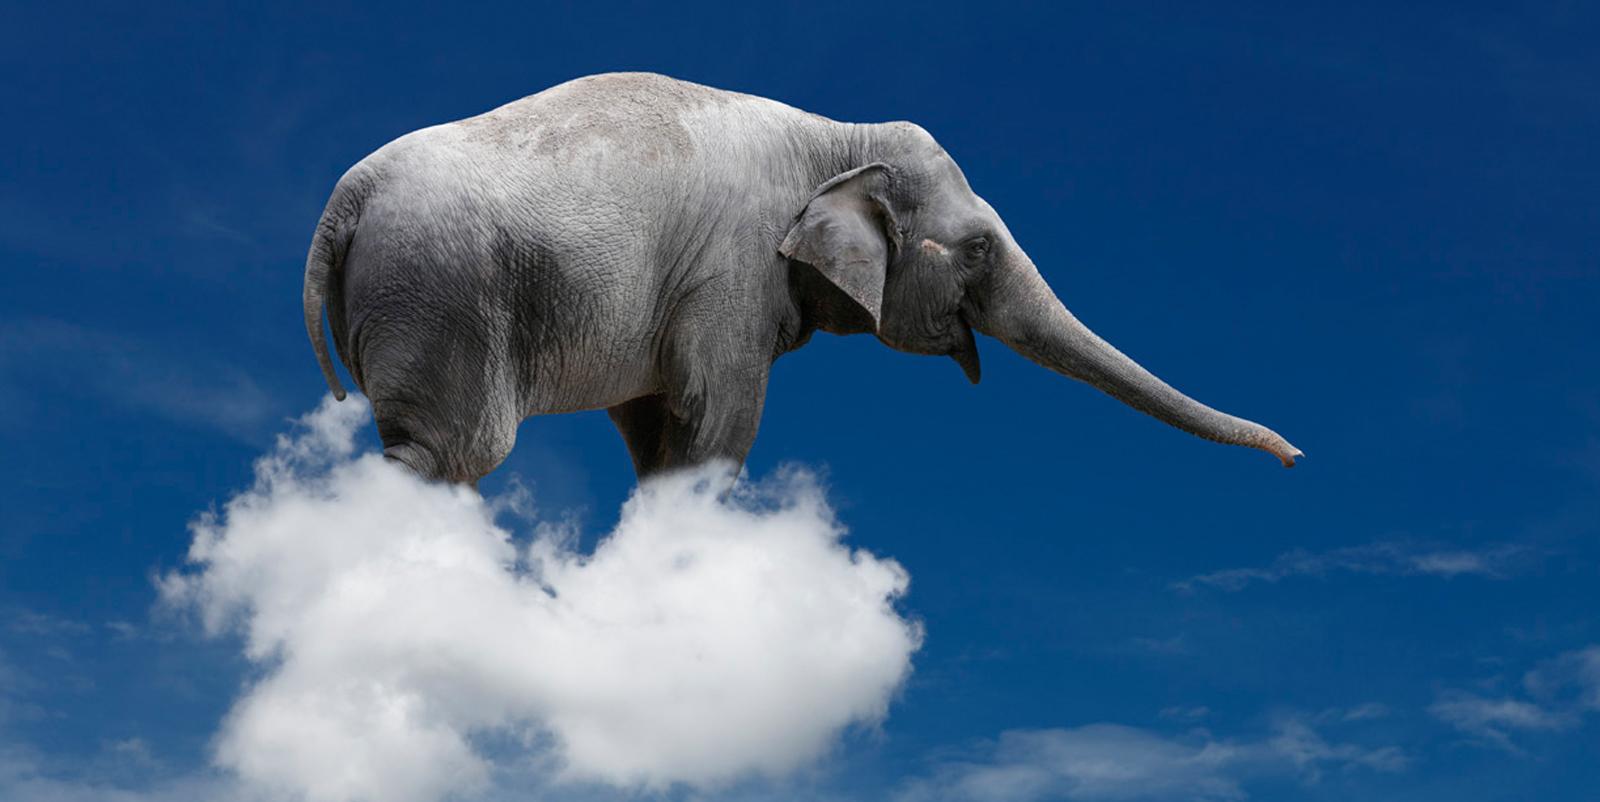 ¿Cuánto pesan las nubes? Lo mismo que un elefante